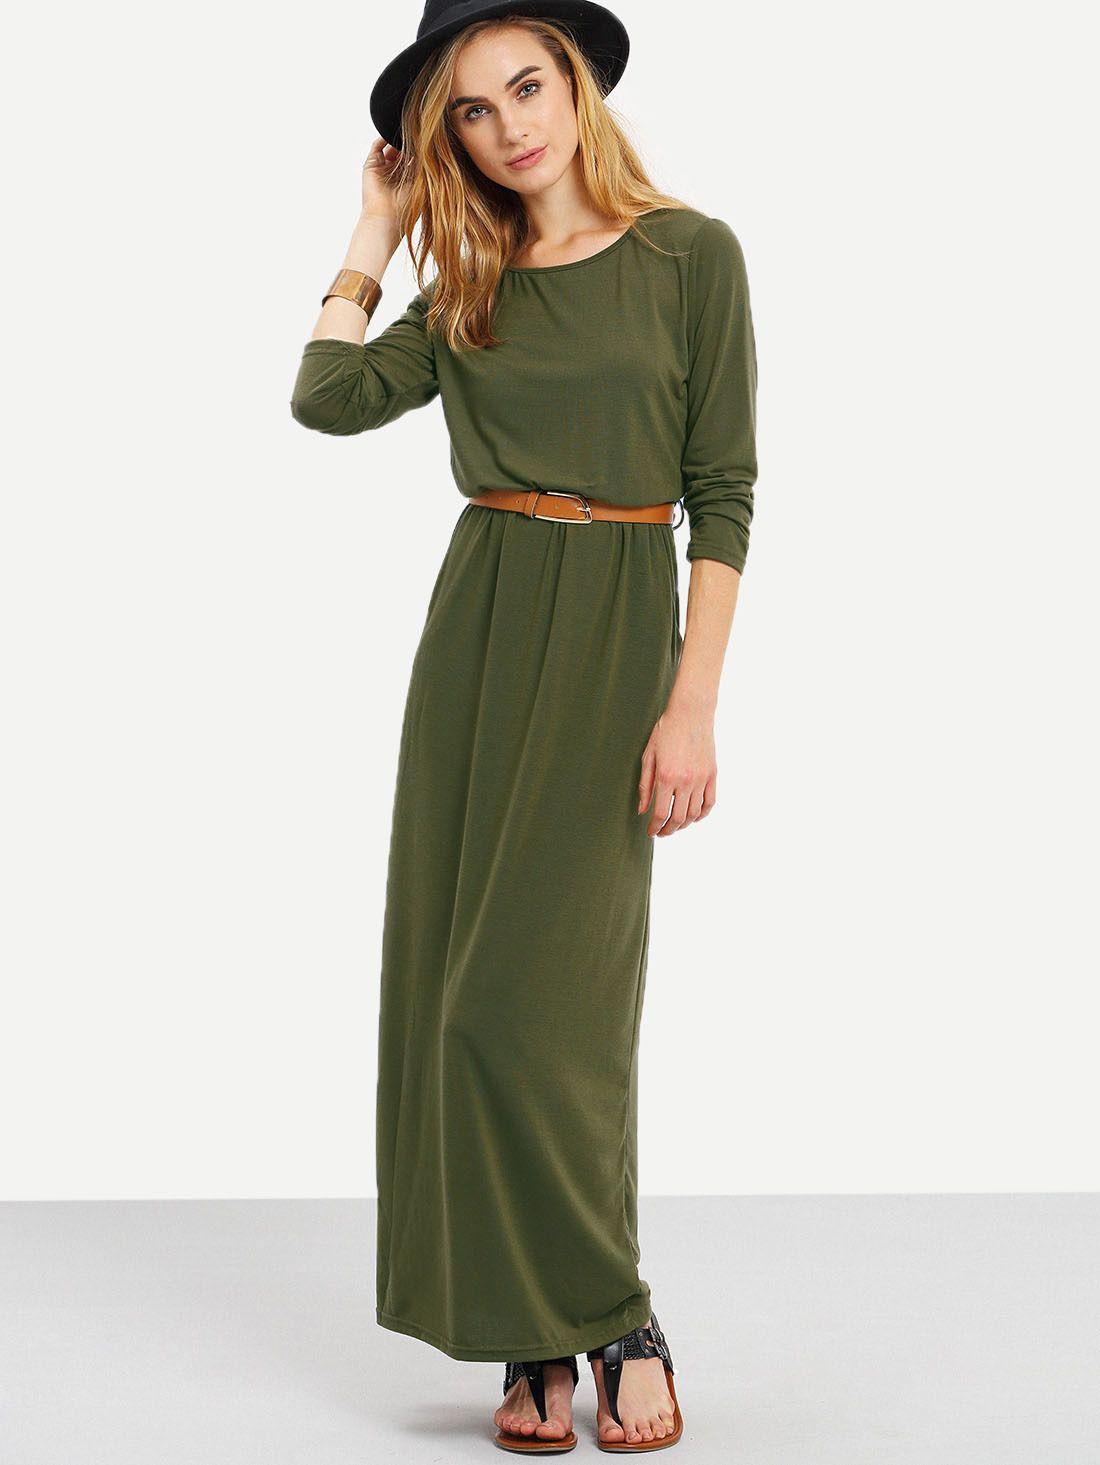 Long Sleeve Pockets Maxi Dress   Pinterest   Maxikleid langarm, Grün ...